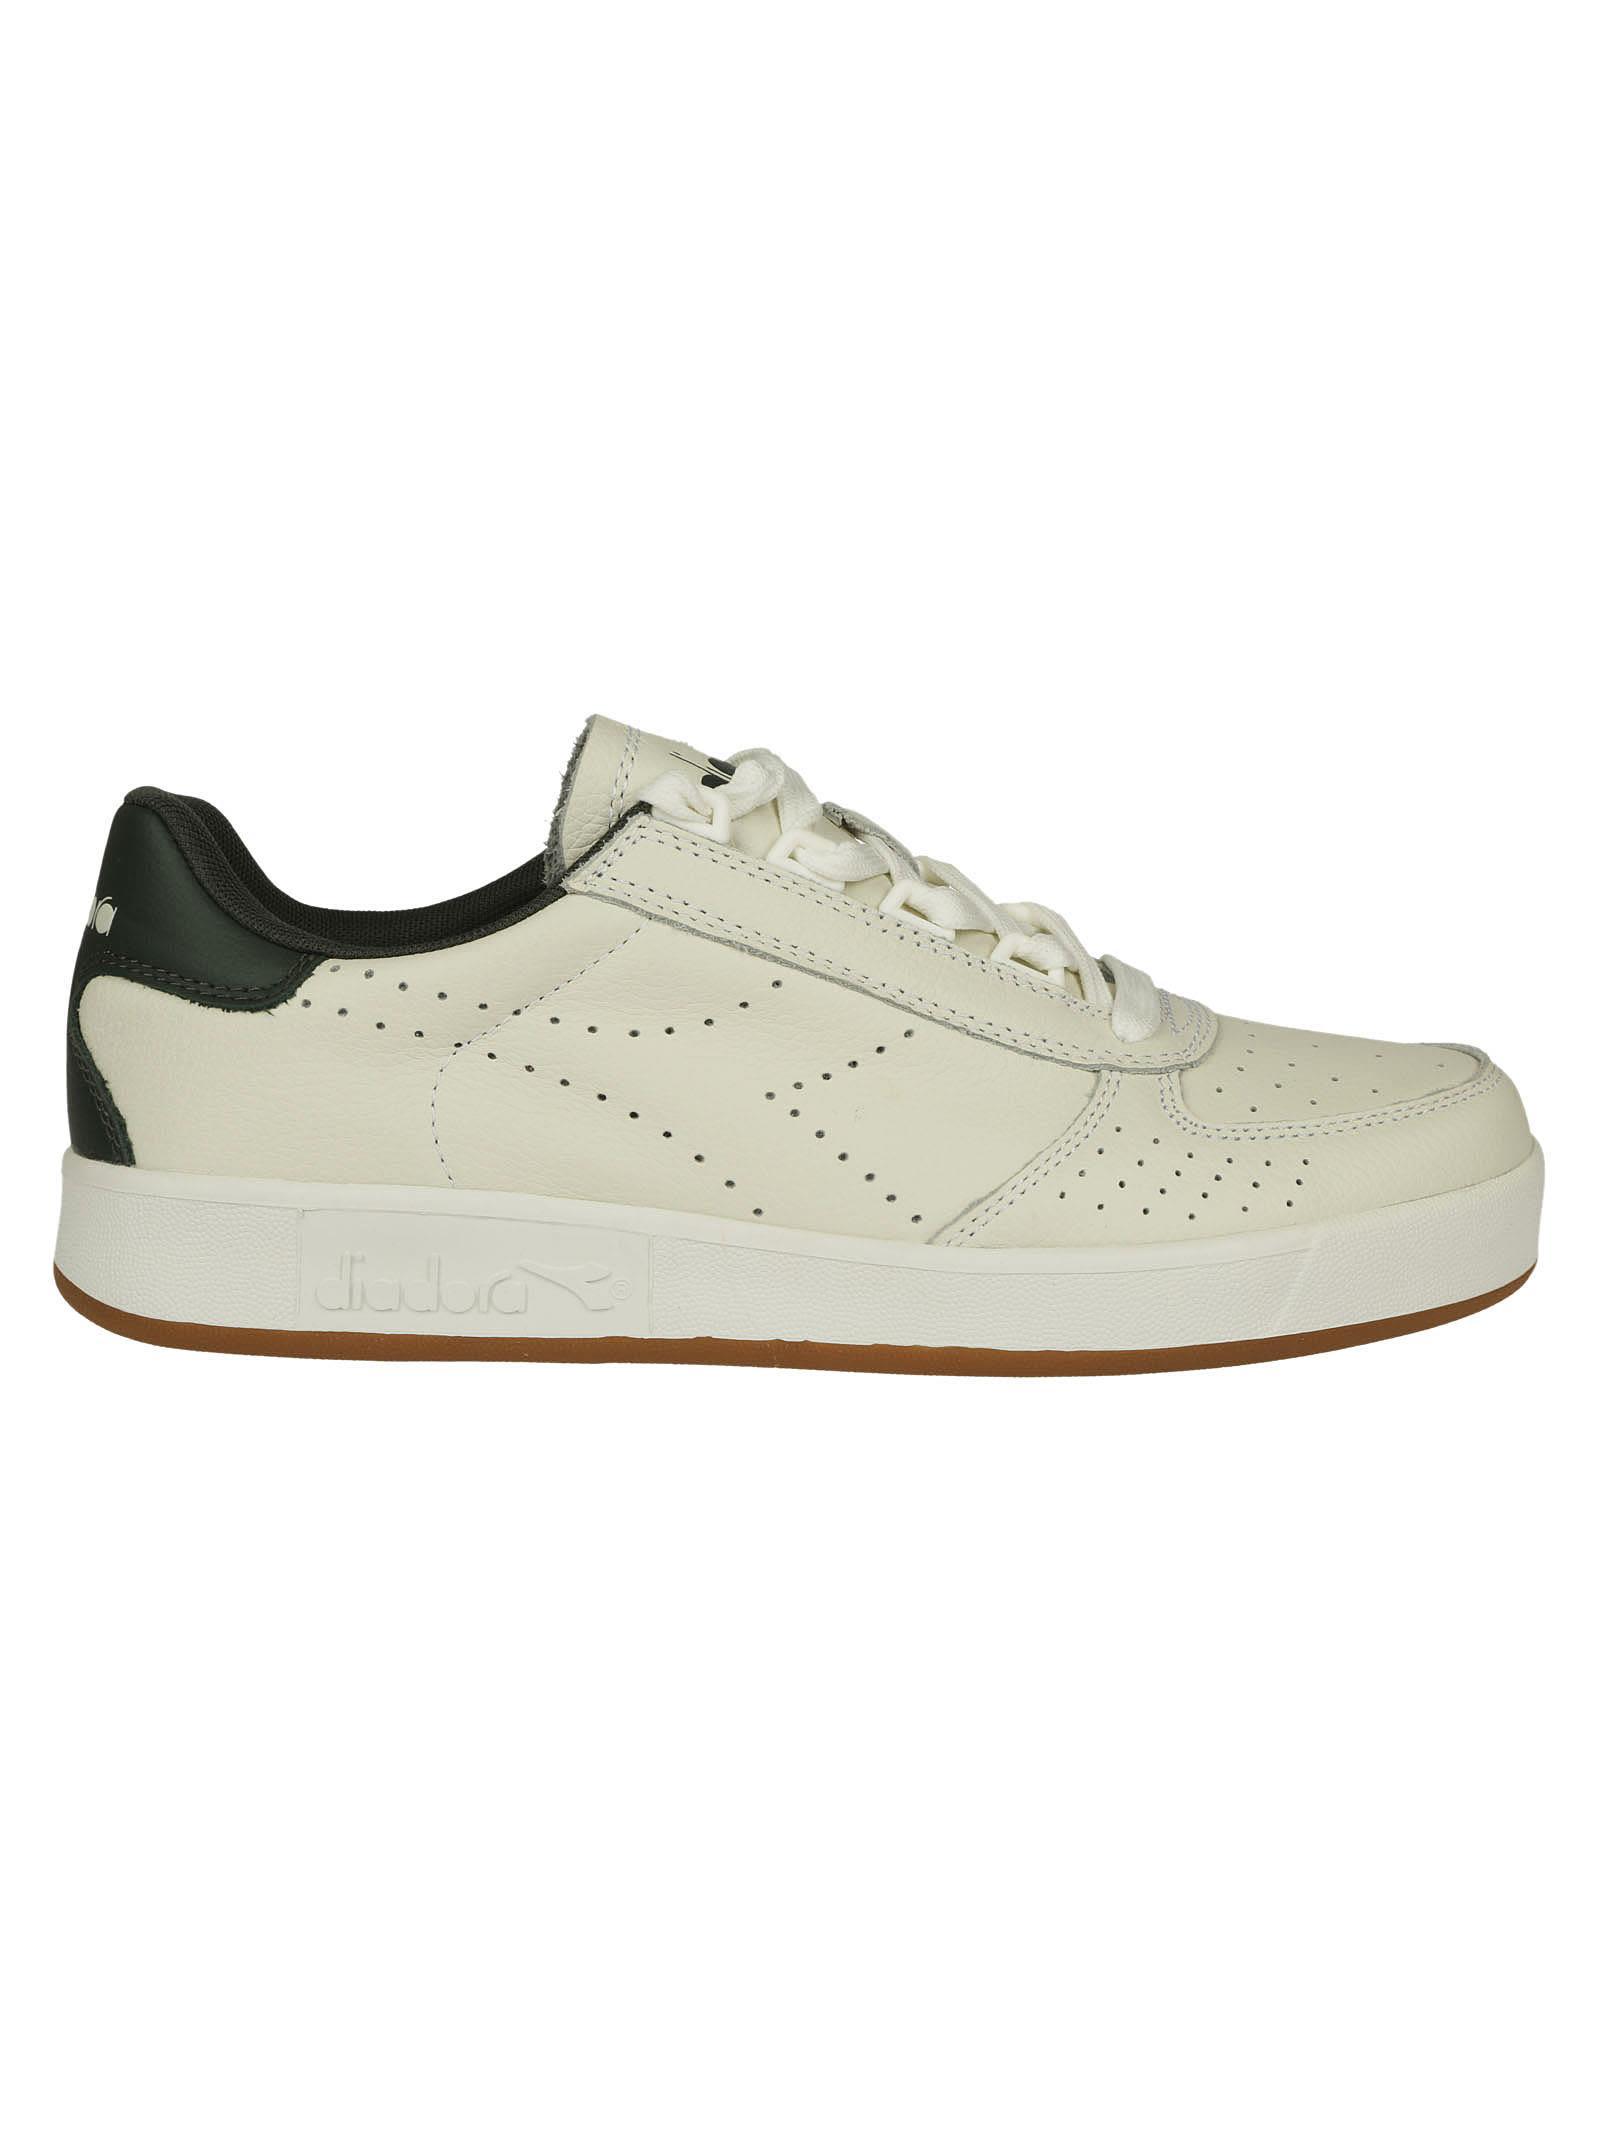 Diadora Elite Premium L Sneakers